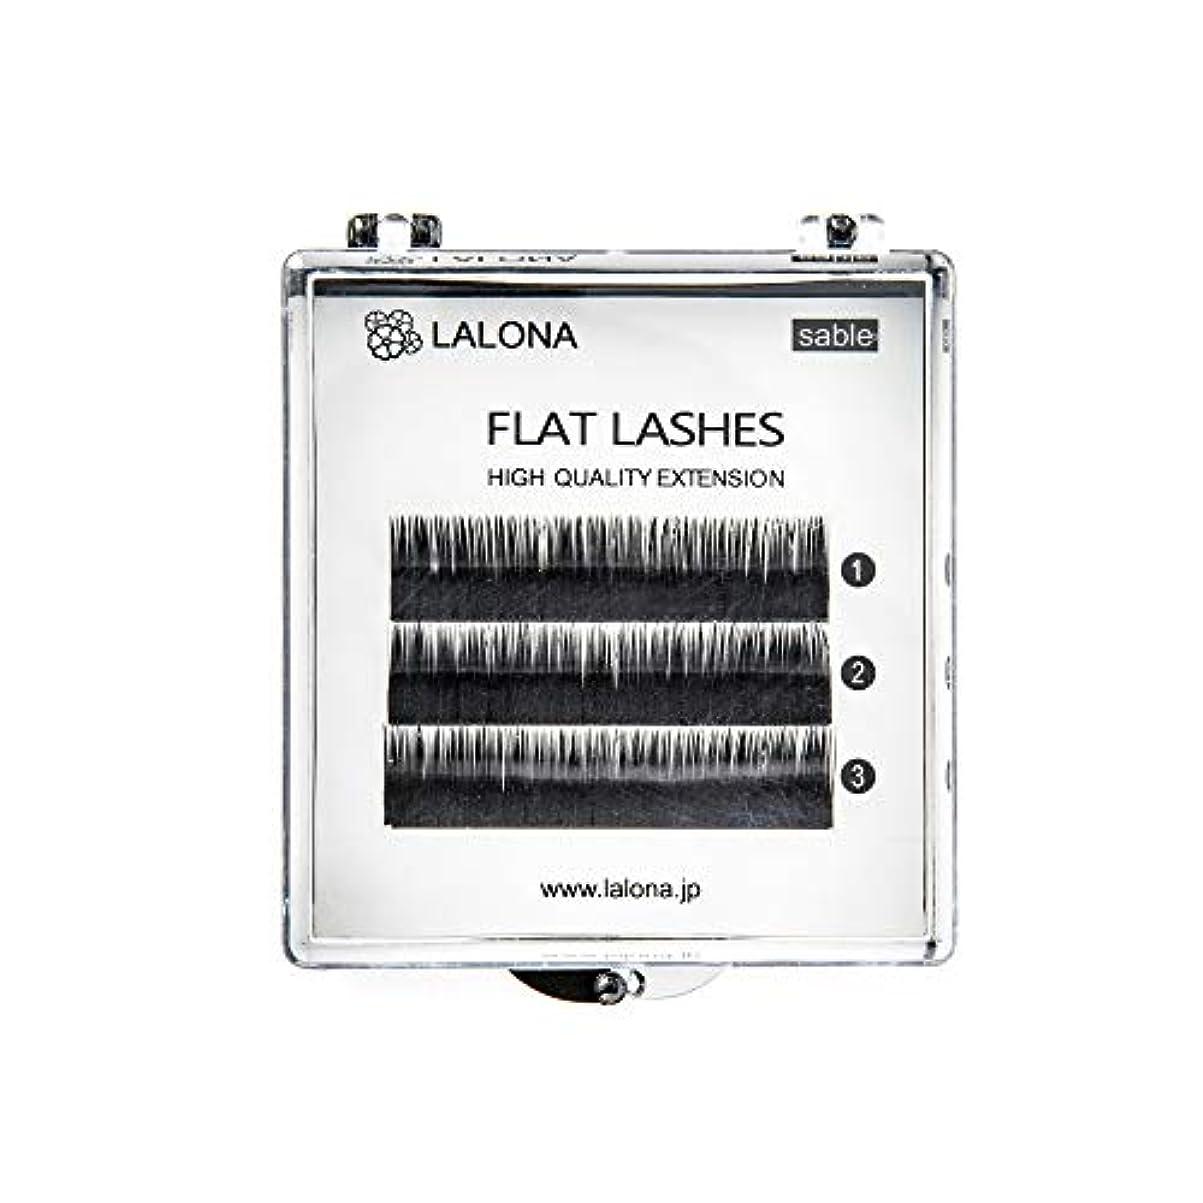 収入華氏特異なLALONA [ ラローナ ] フラットラッシュ (BLK) (3列) まつげエクステ 平面加工 Lディテール ブラック (Cカール 0.1 / 10mm)